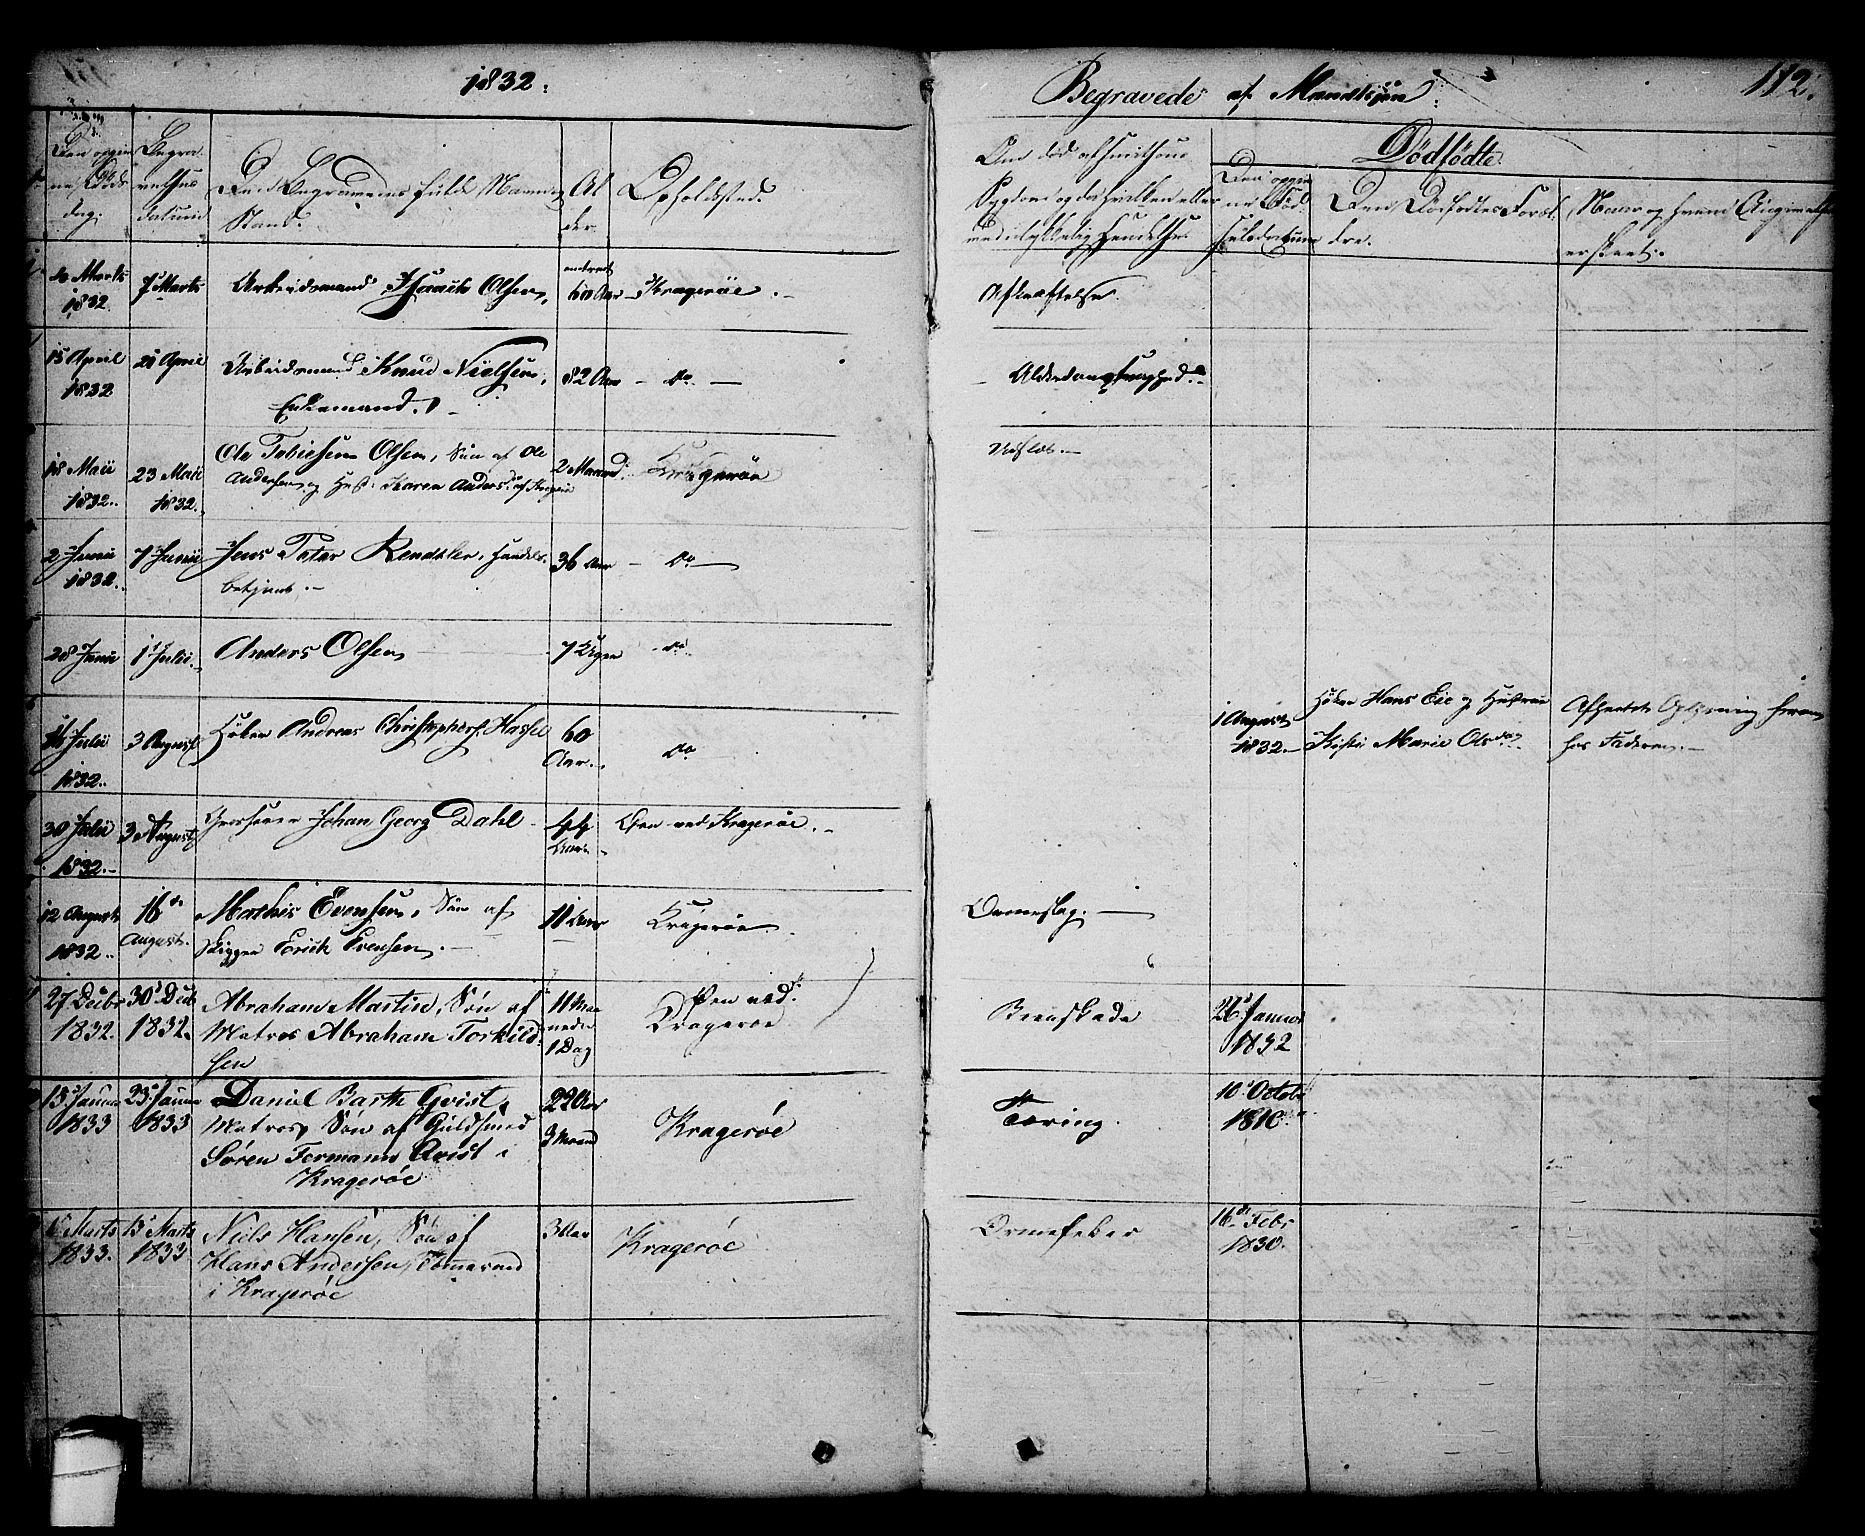 SAKO, Kragerø kirkebøker, G/Ga/L0003: Klokkerbok nr. 3, 1832-1852, s. 112